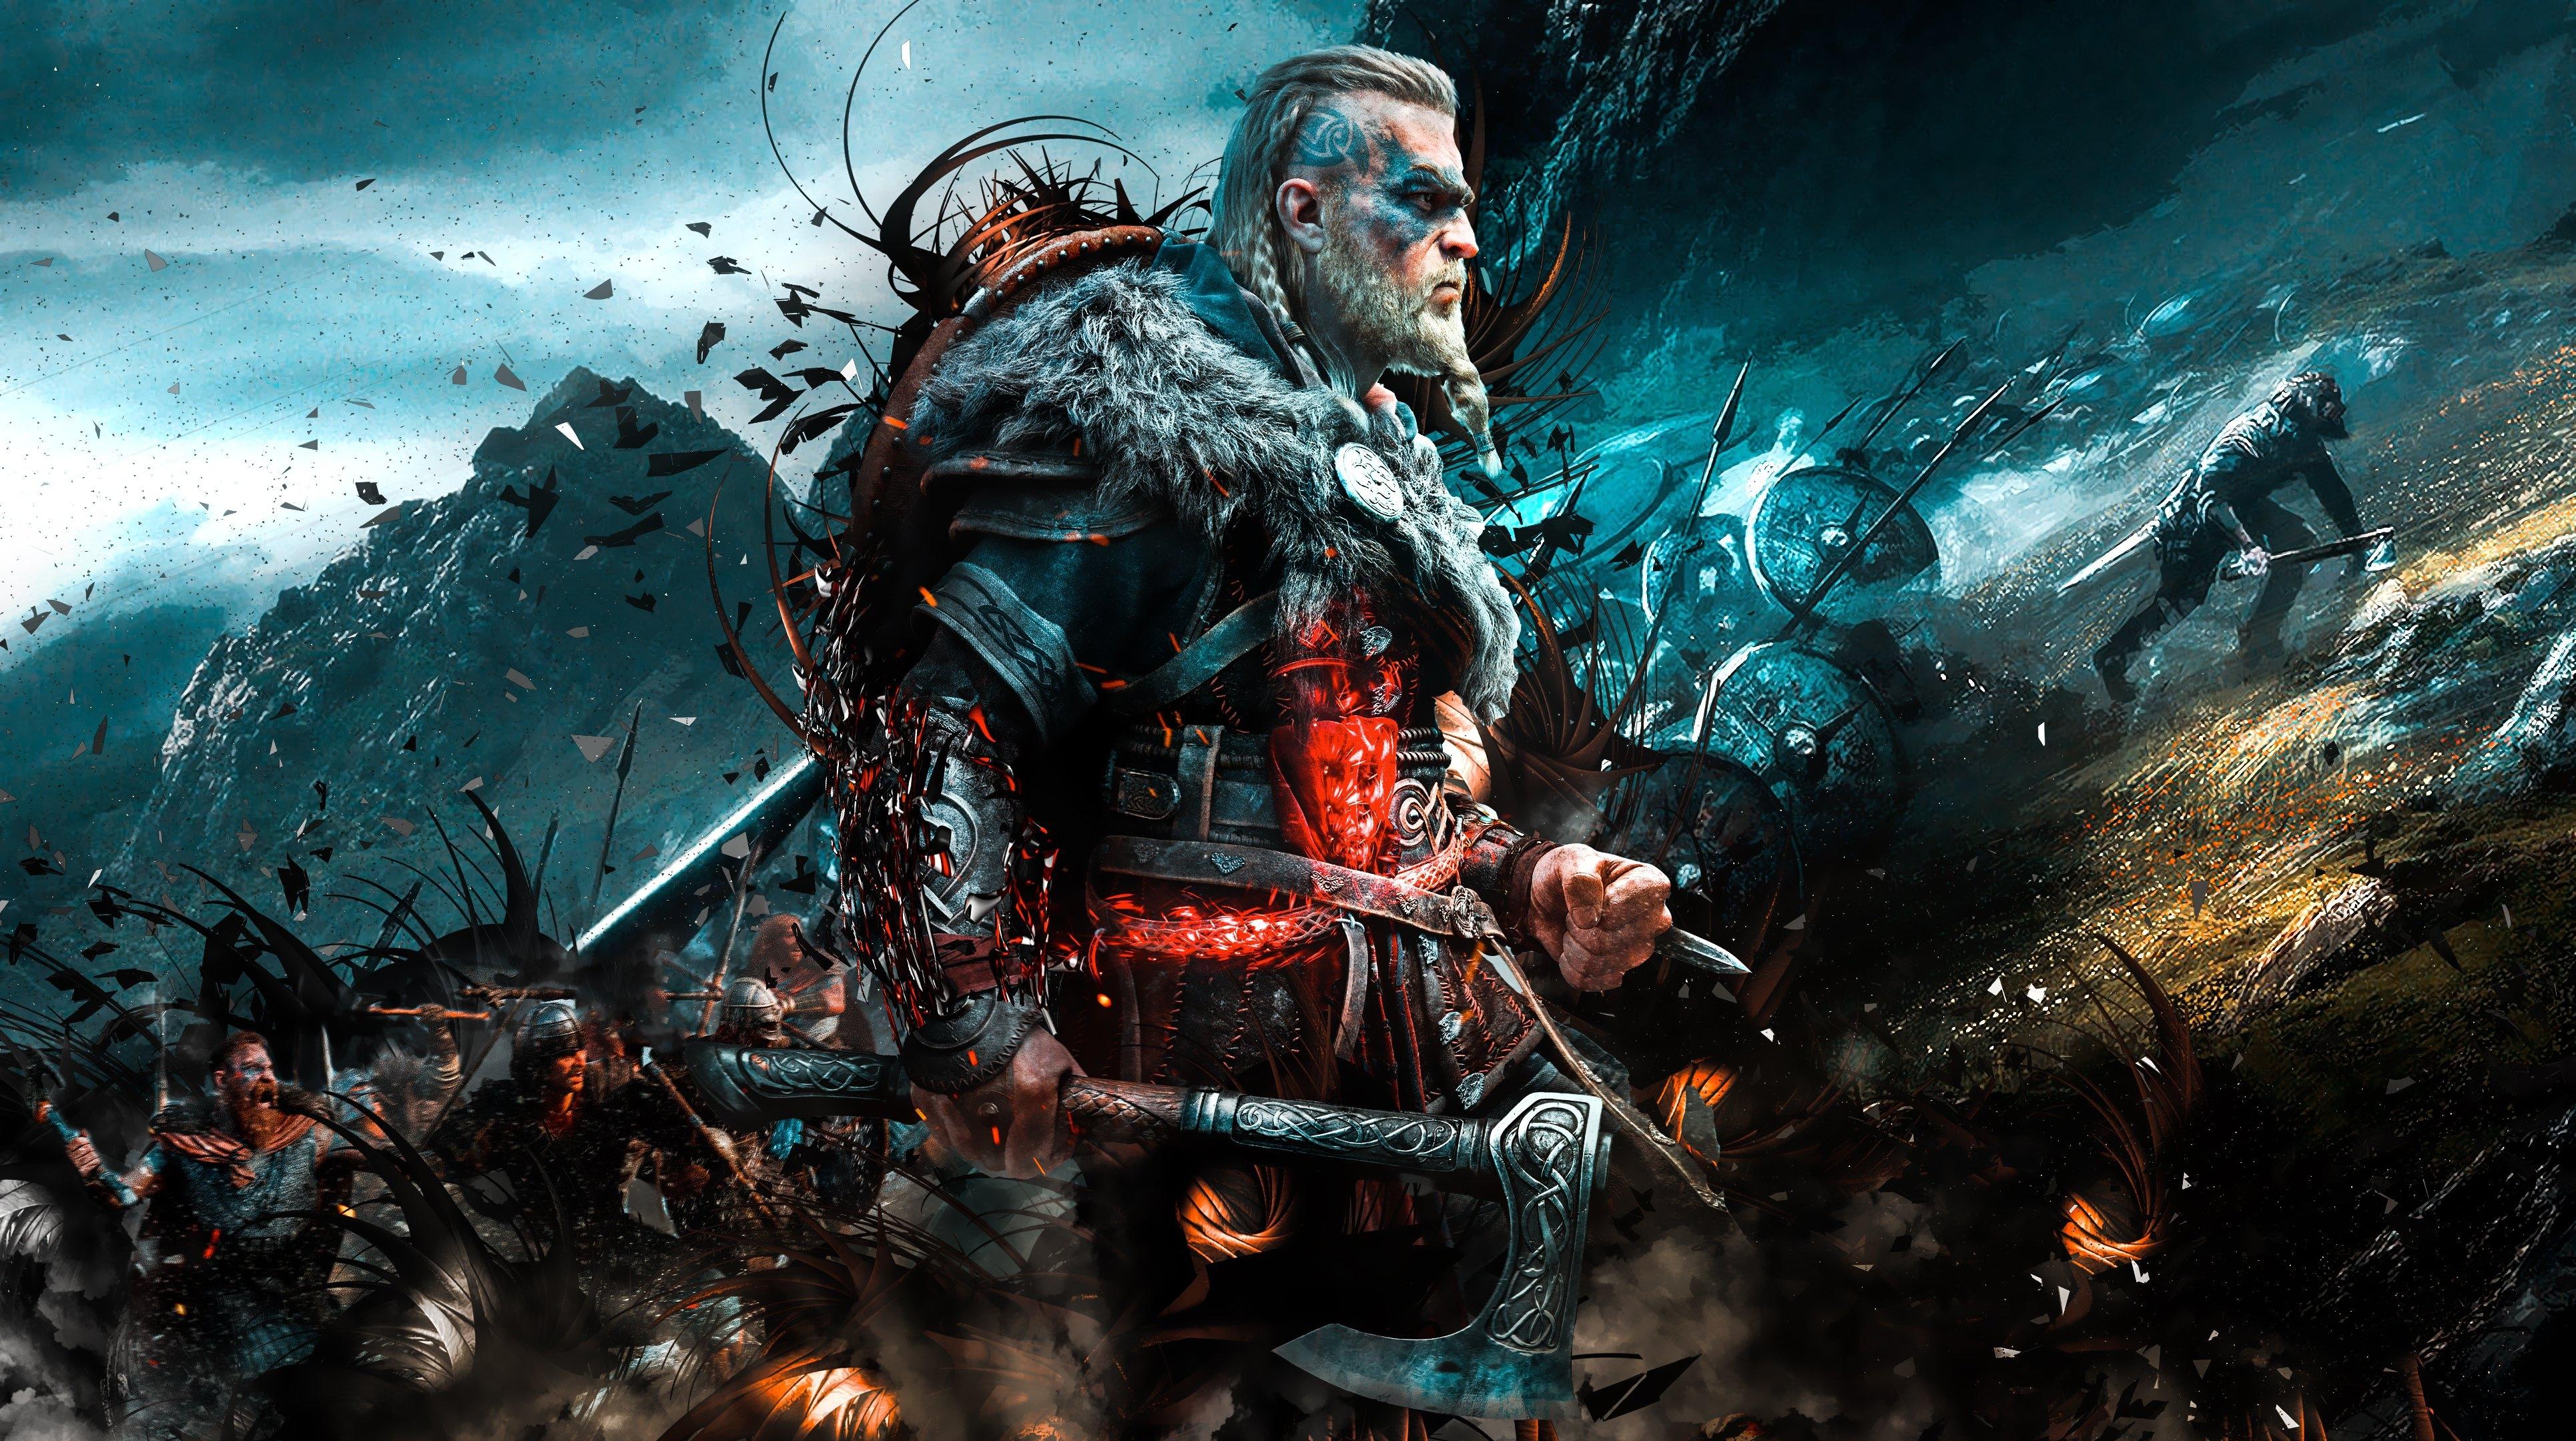 5120x2880 Assassins Creed Valhalla Viking Clan 5K Wallpaper HD 3860x2160